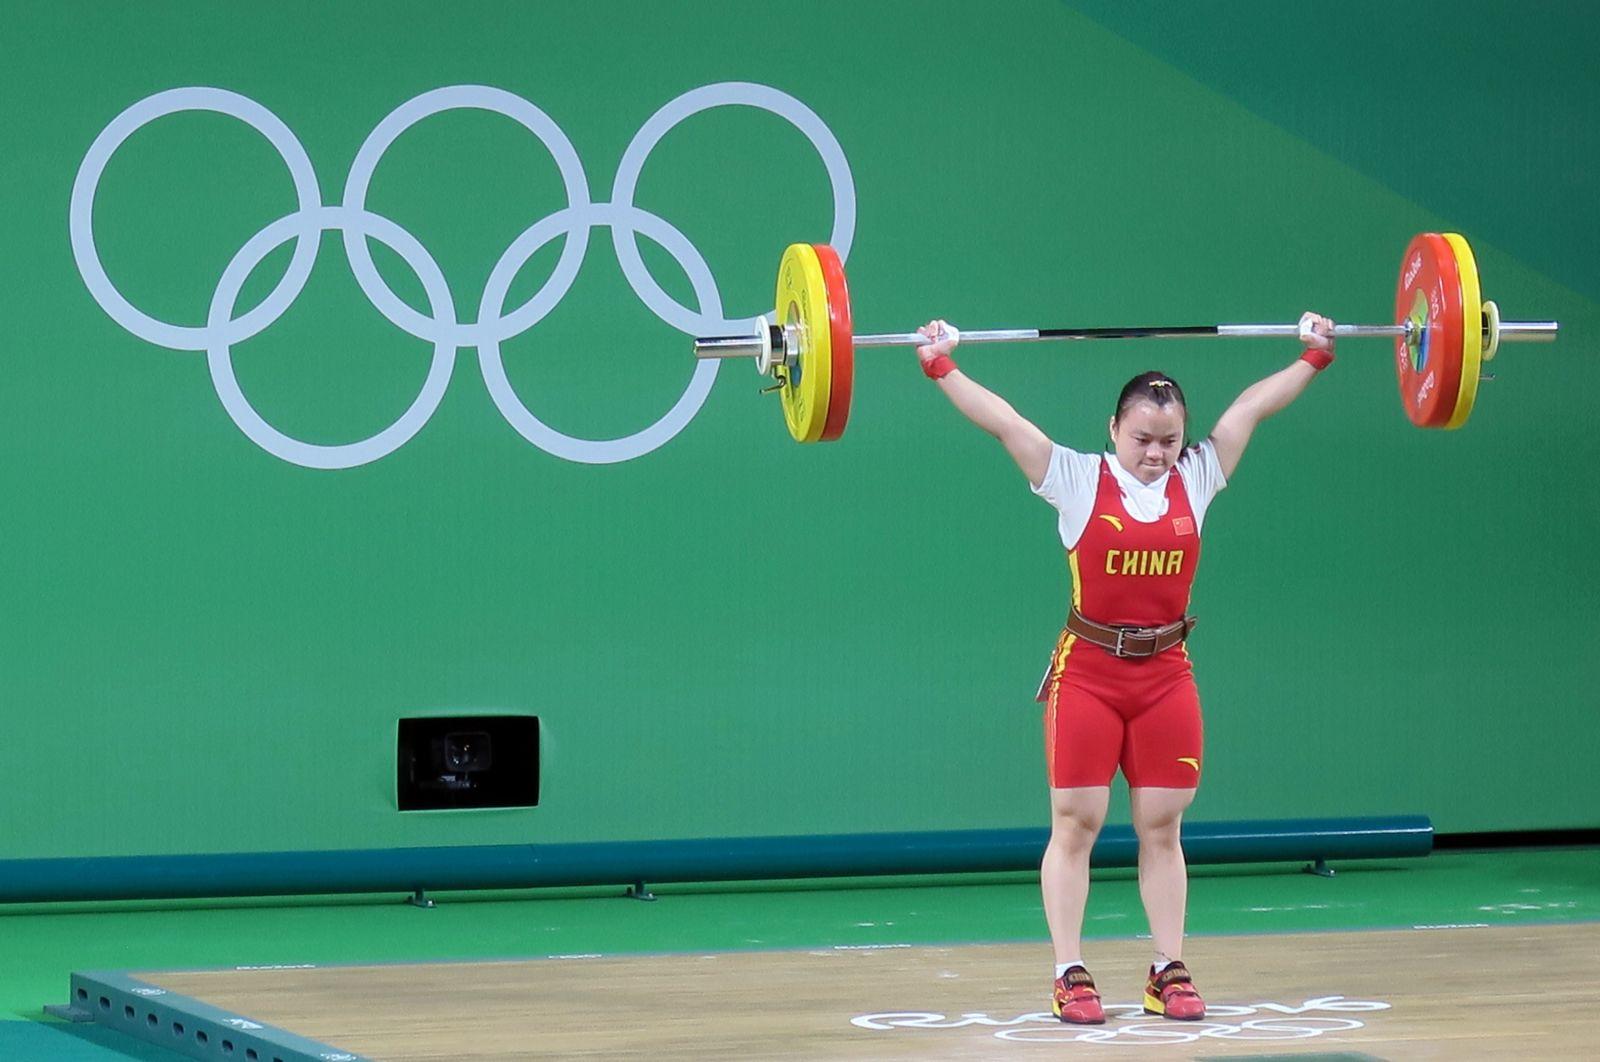 中國黎雅君抓舉締造奧運紀錄,但挺舉三次失敗。攝影/楊育欣